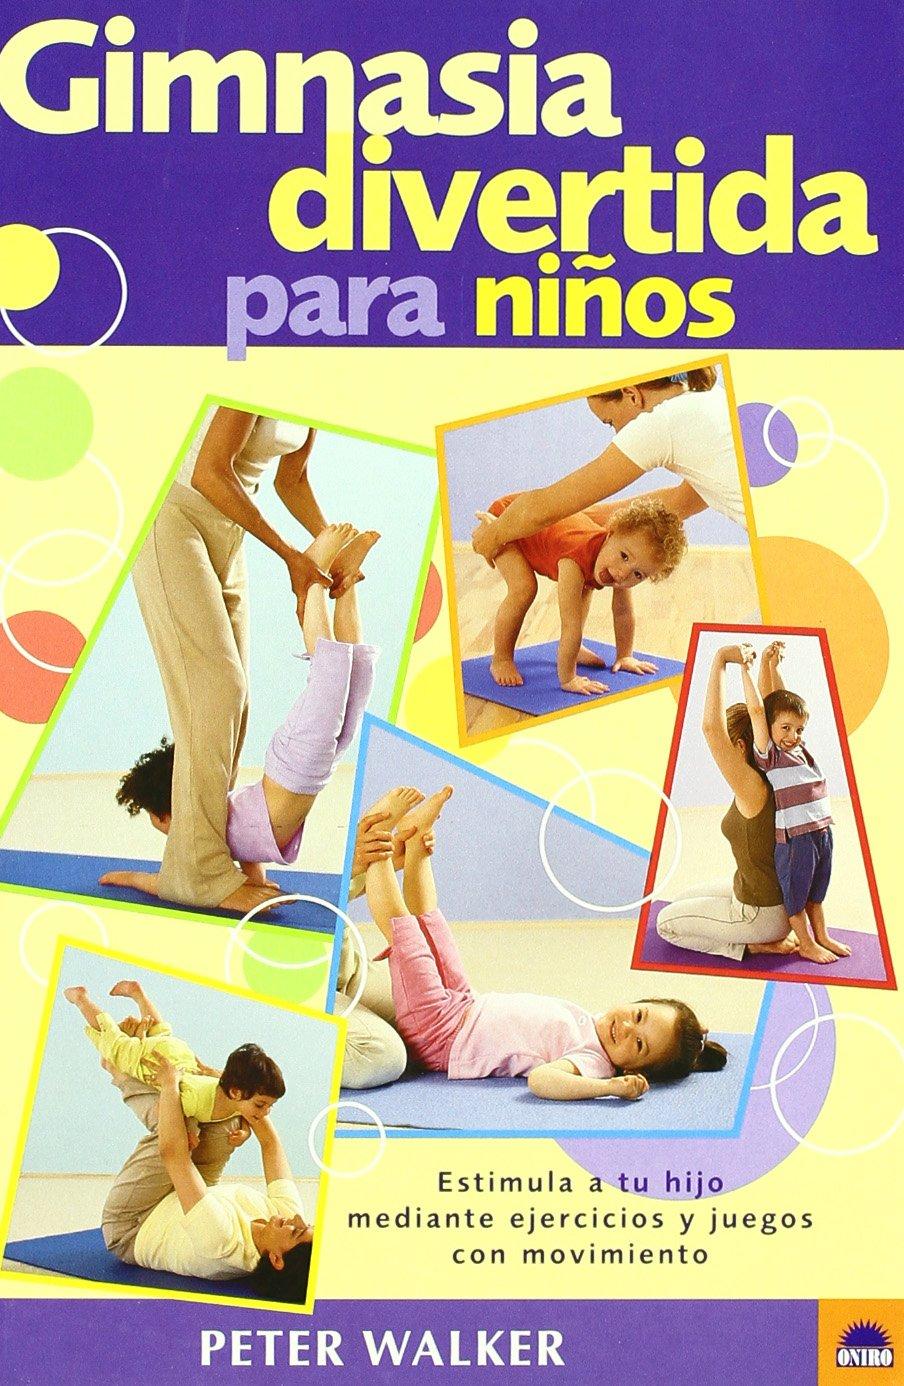 Gimnasia Divertida Para Niños Estimula A Tu Hijo Mediante Ejercicios Y Juegos Con Movimiento Oniro Libros Ilustrados I Spanish Edition Walker Peter 9788497540544 Books